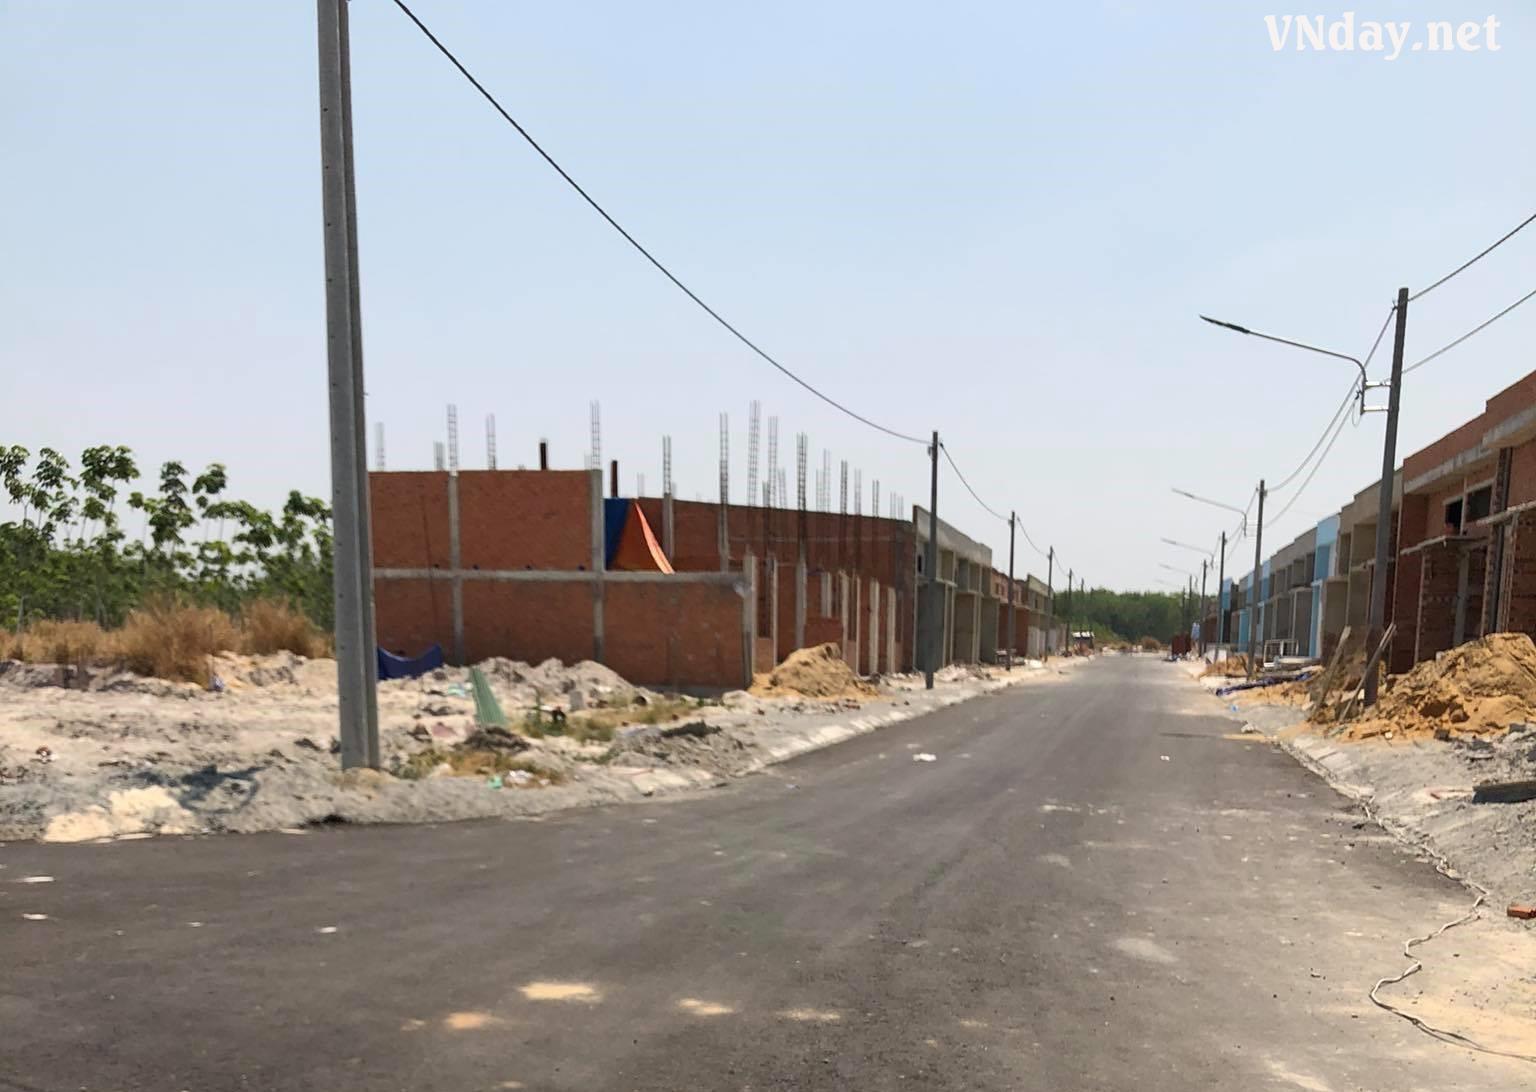 Có 60 căn nhà ở xã hội trong dự án Phúc Hưng Golden xây khi chưa có giấy phép